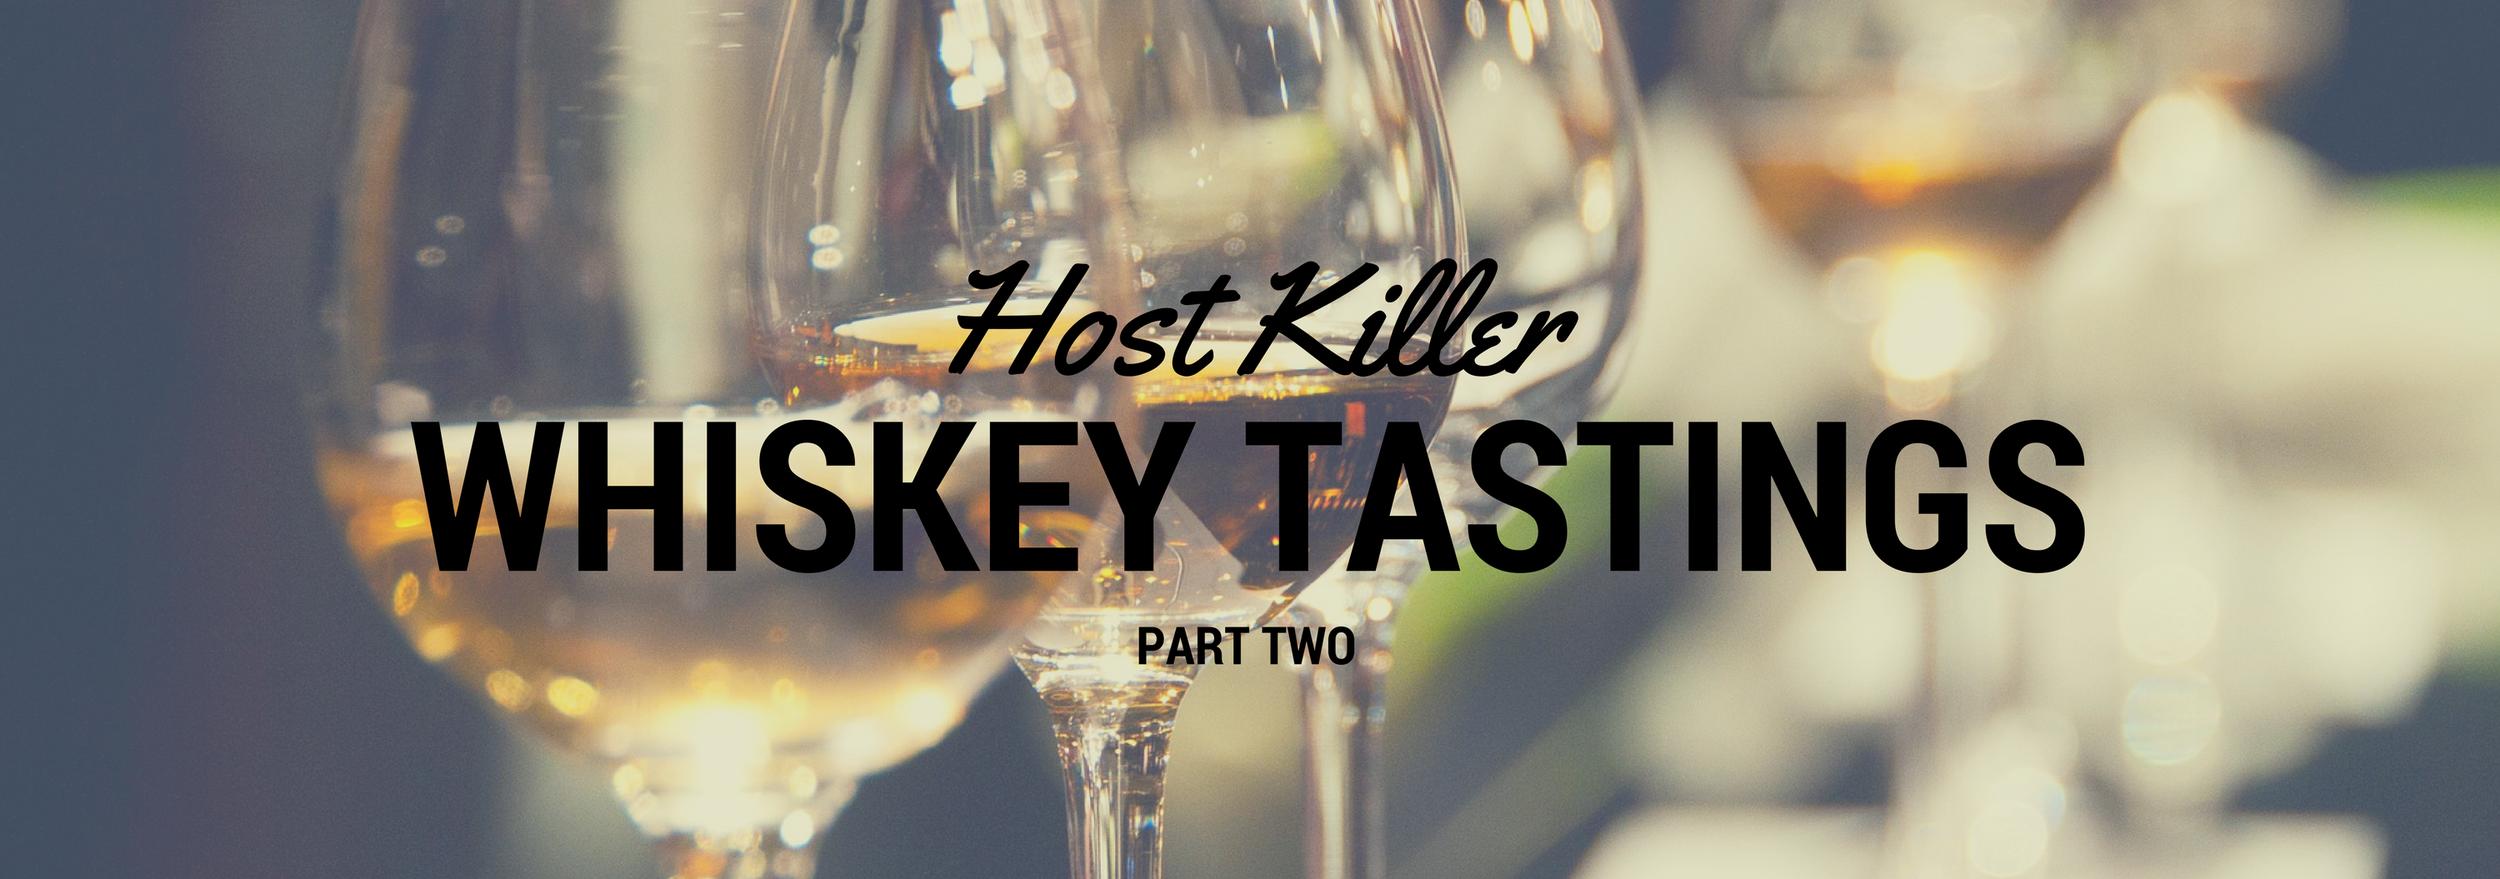 host-killer-tastings-part-two1.png